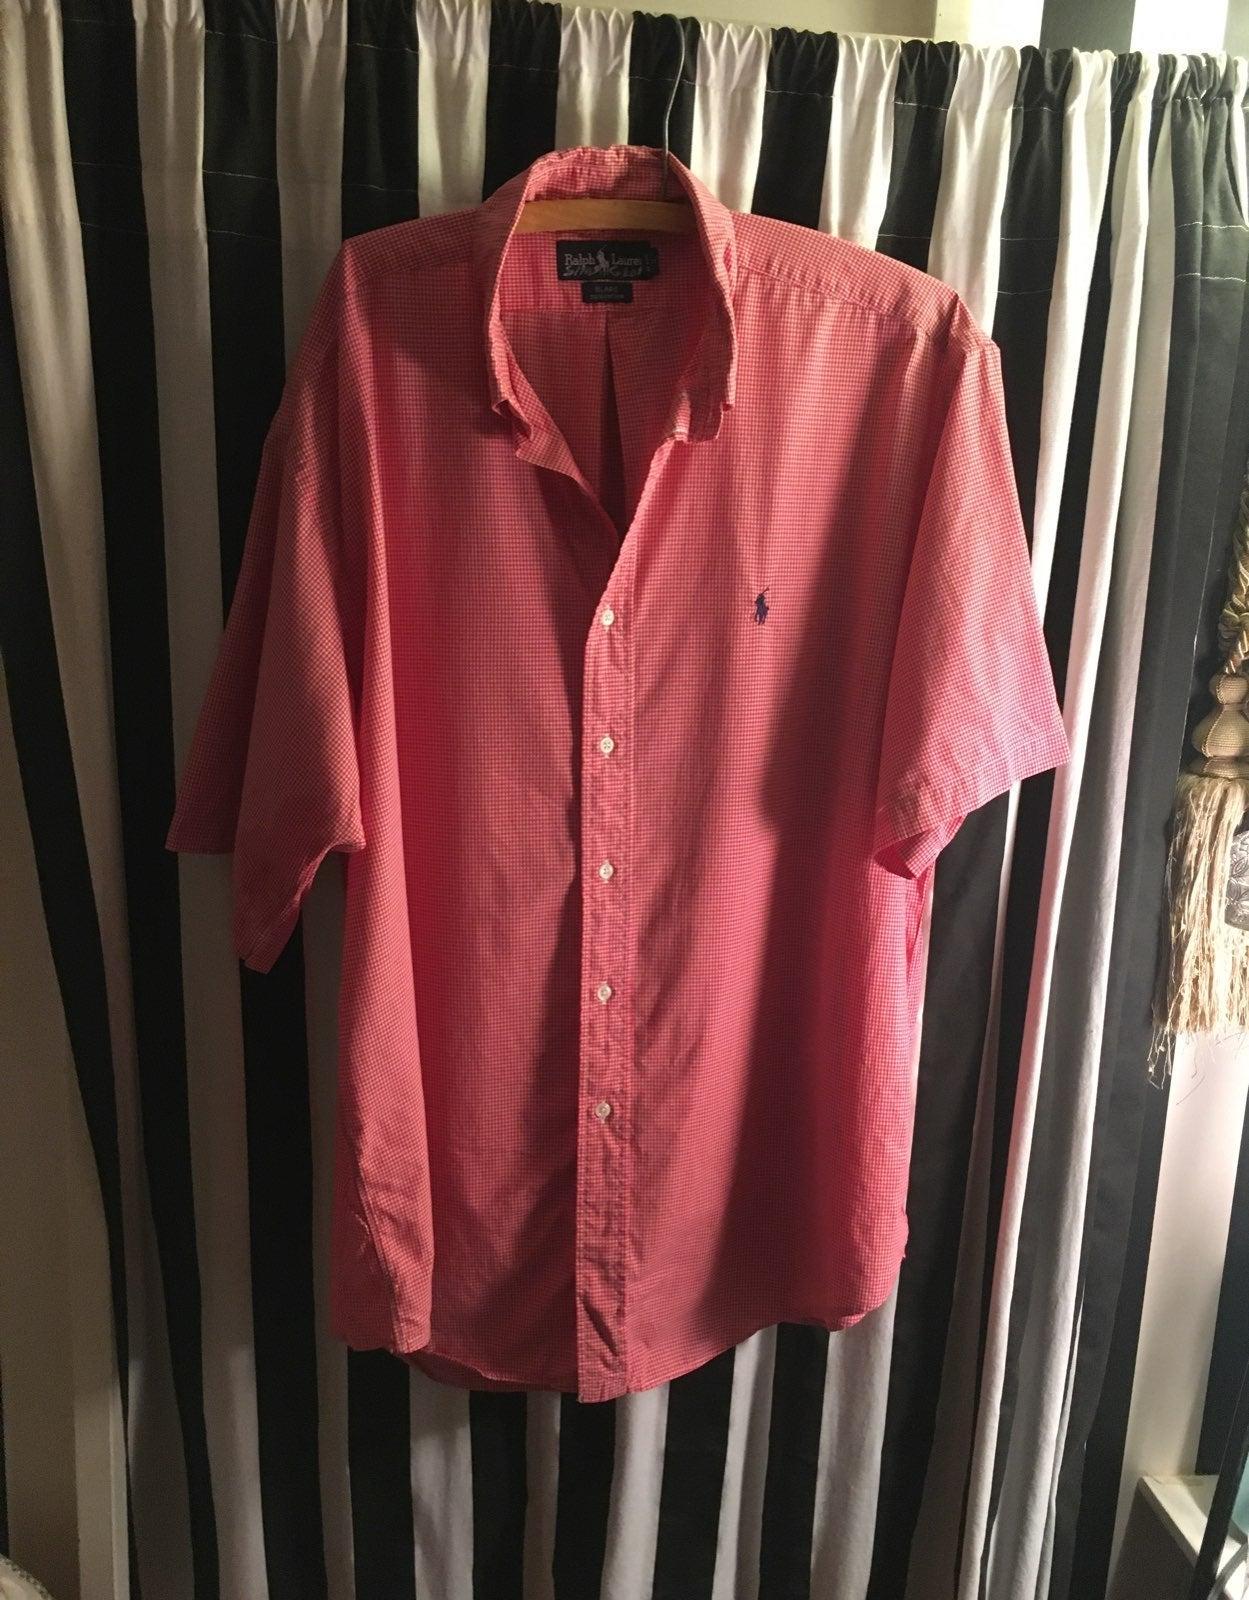 Ralph Lauren polo shirt for men XL